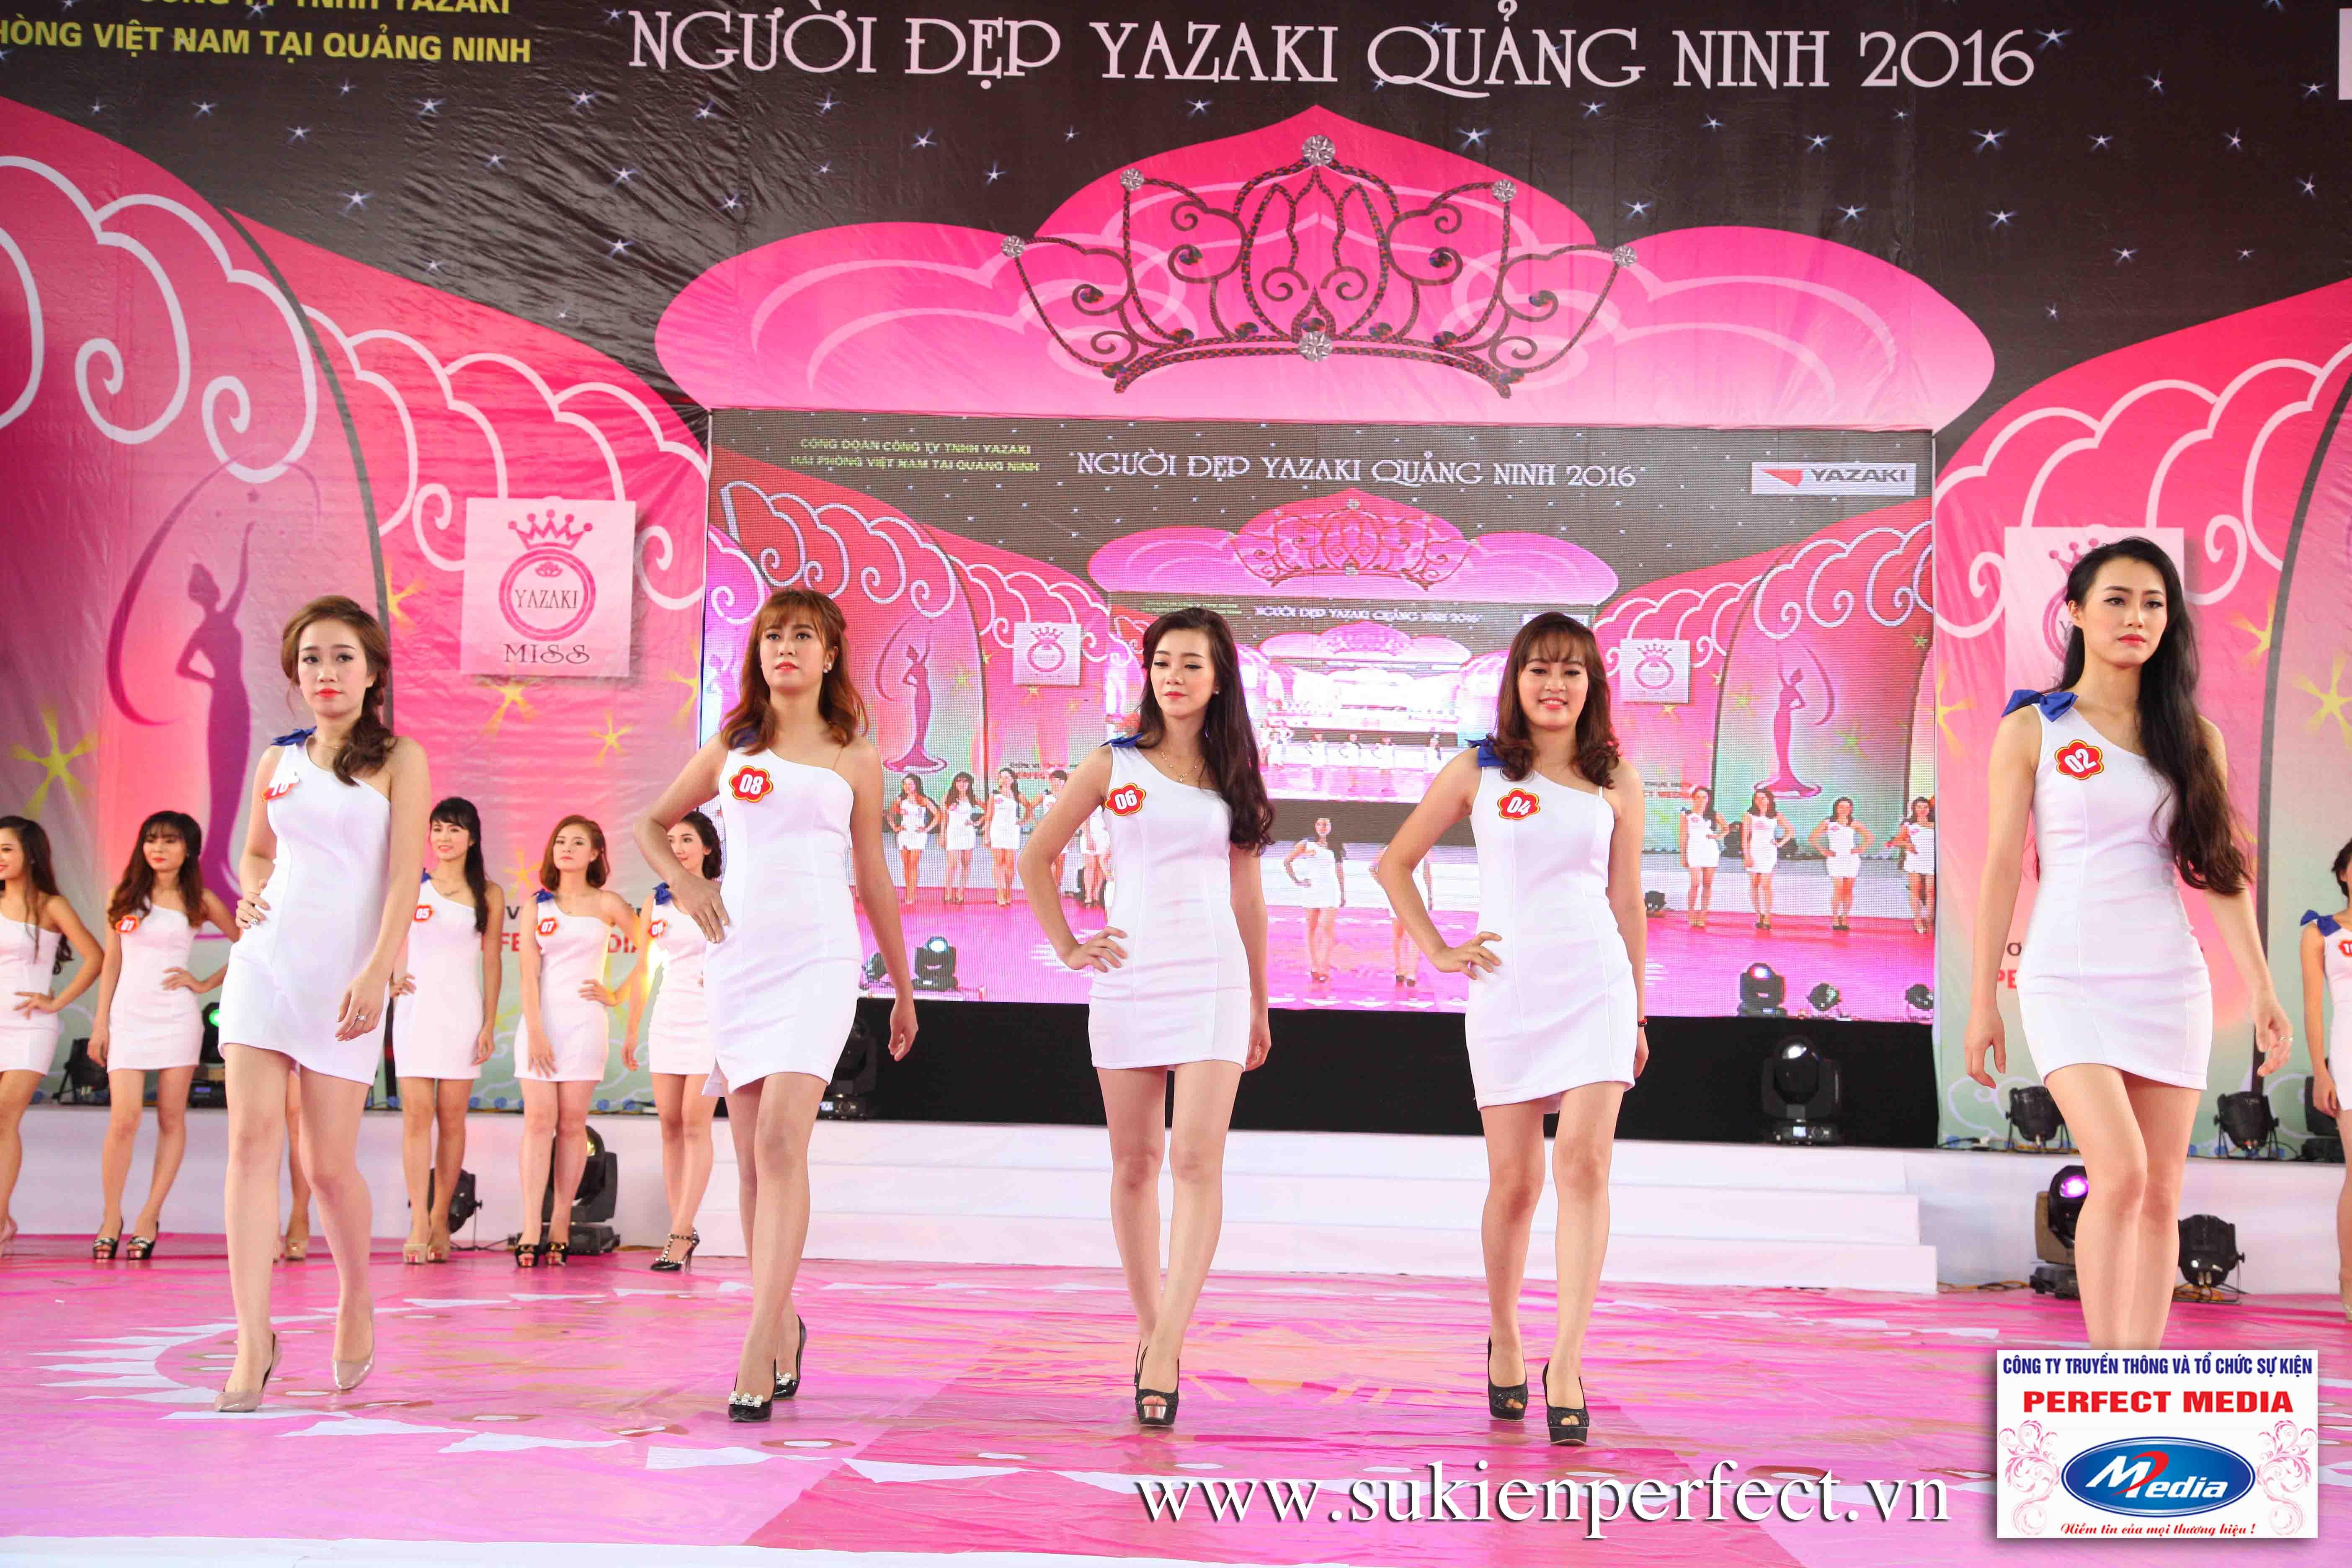 Hình ảnh các thí sinh trong cuộc thi Người đẹp Yazaki Quảng Ninh 2016 (Hình thể) - 14